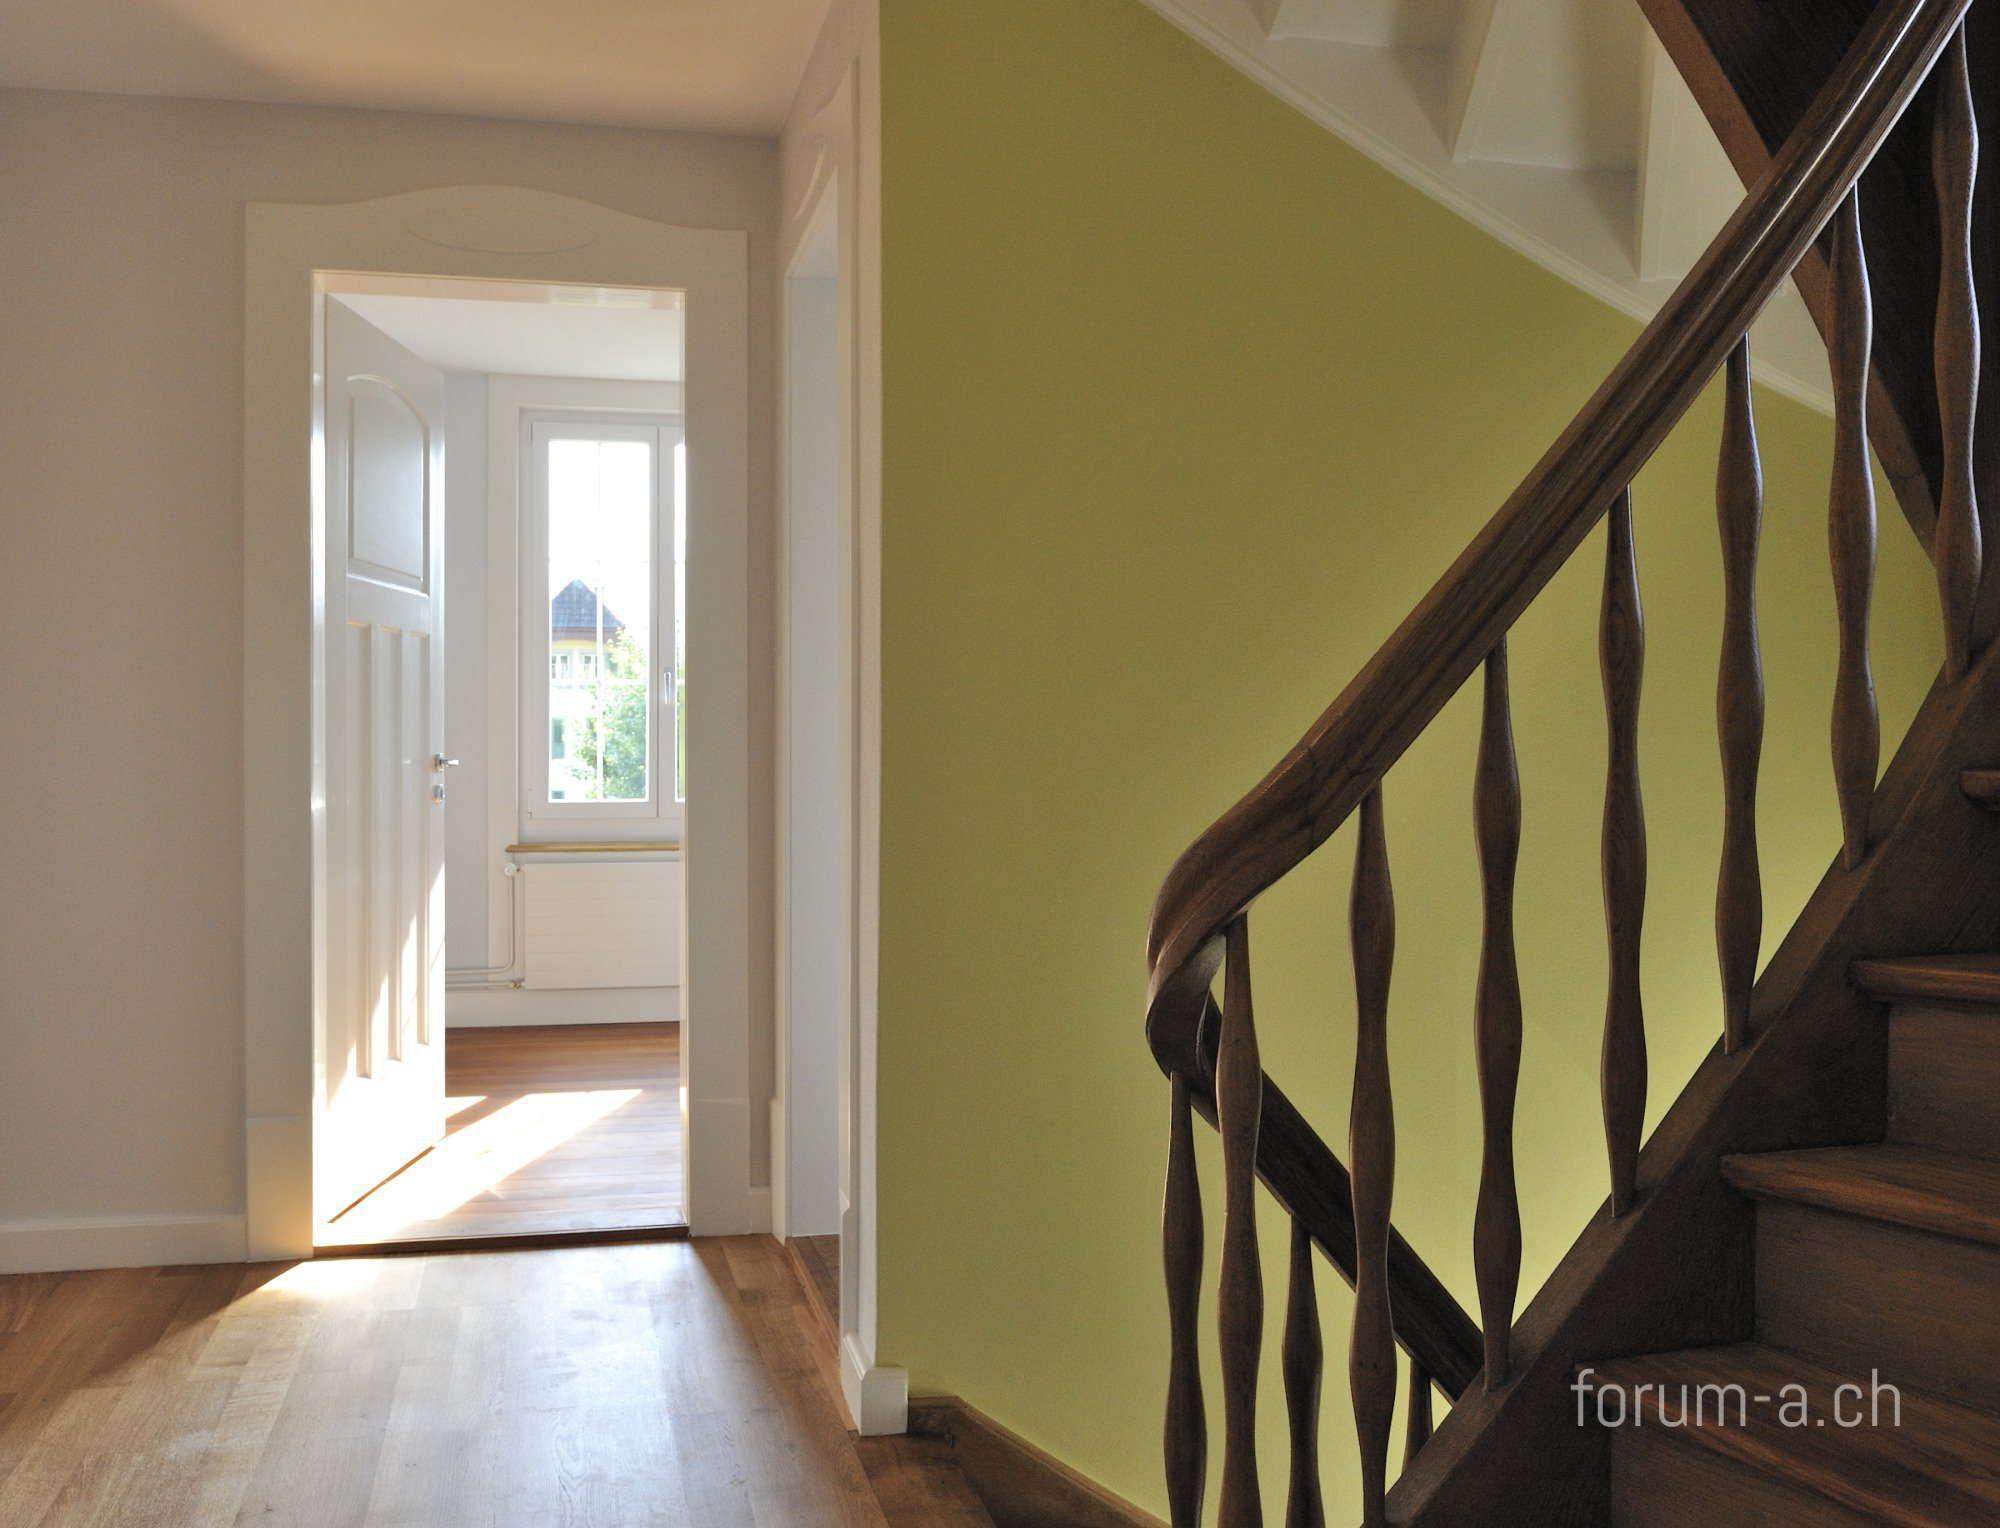 treppenhaus auen anbauen excellent kosten neue treppe admirably treppe einbauen kosten und mehr. Black Bedroom Furniture Sets. Home Design Ideas